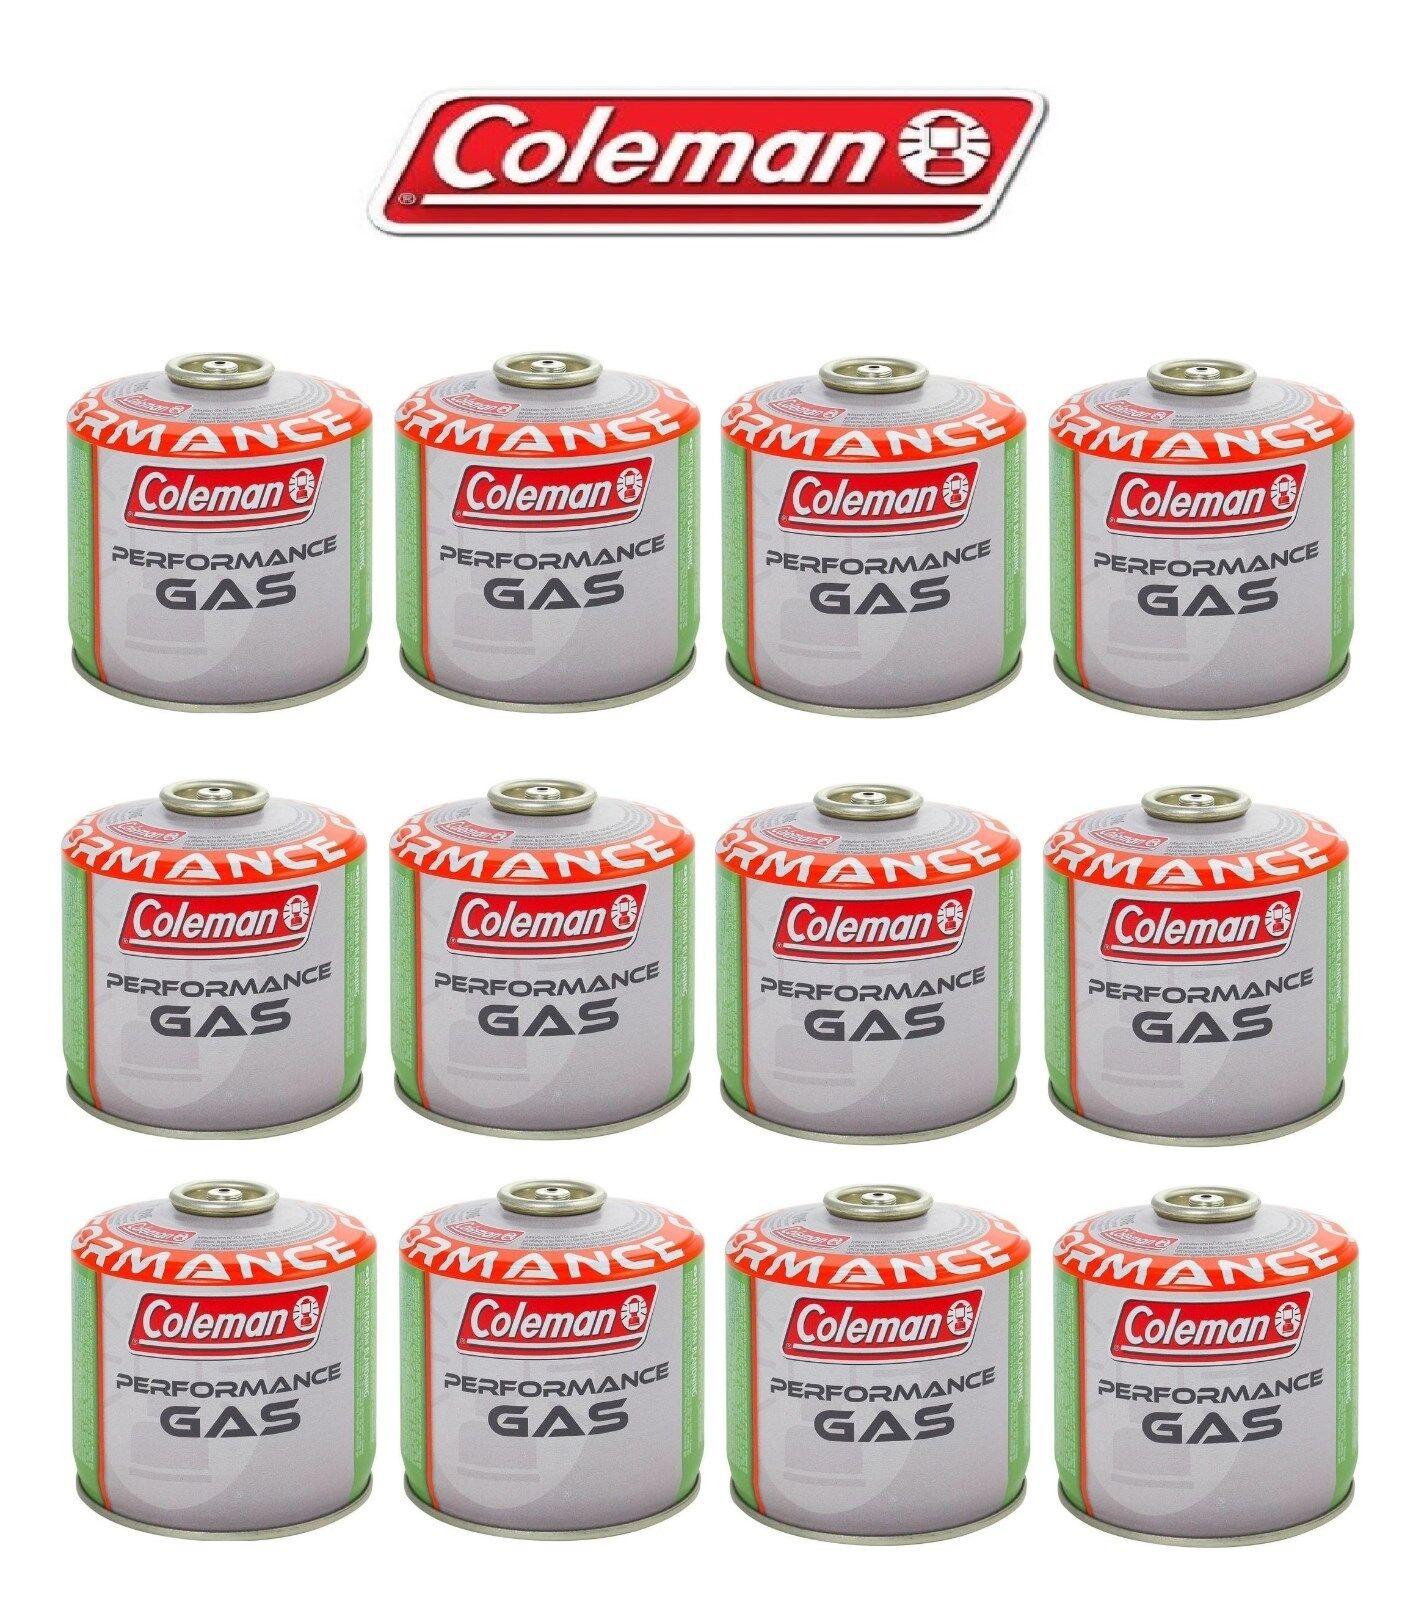 BOMBOLETTA CocheTUCCIA GAS COLEMAN c300 performance FILETTO 240 g  GAS  12 PEZZI   Tienda de moda y compras online.